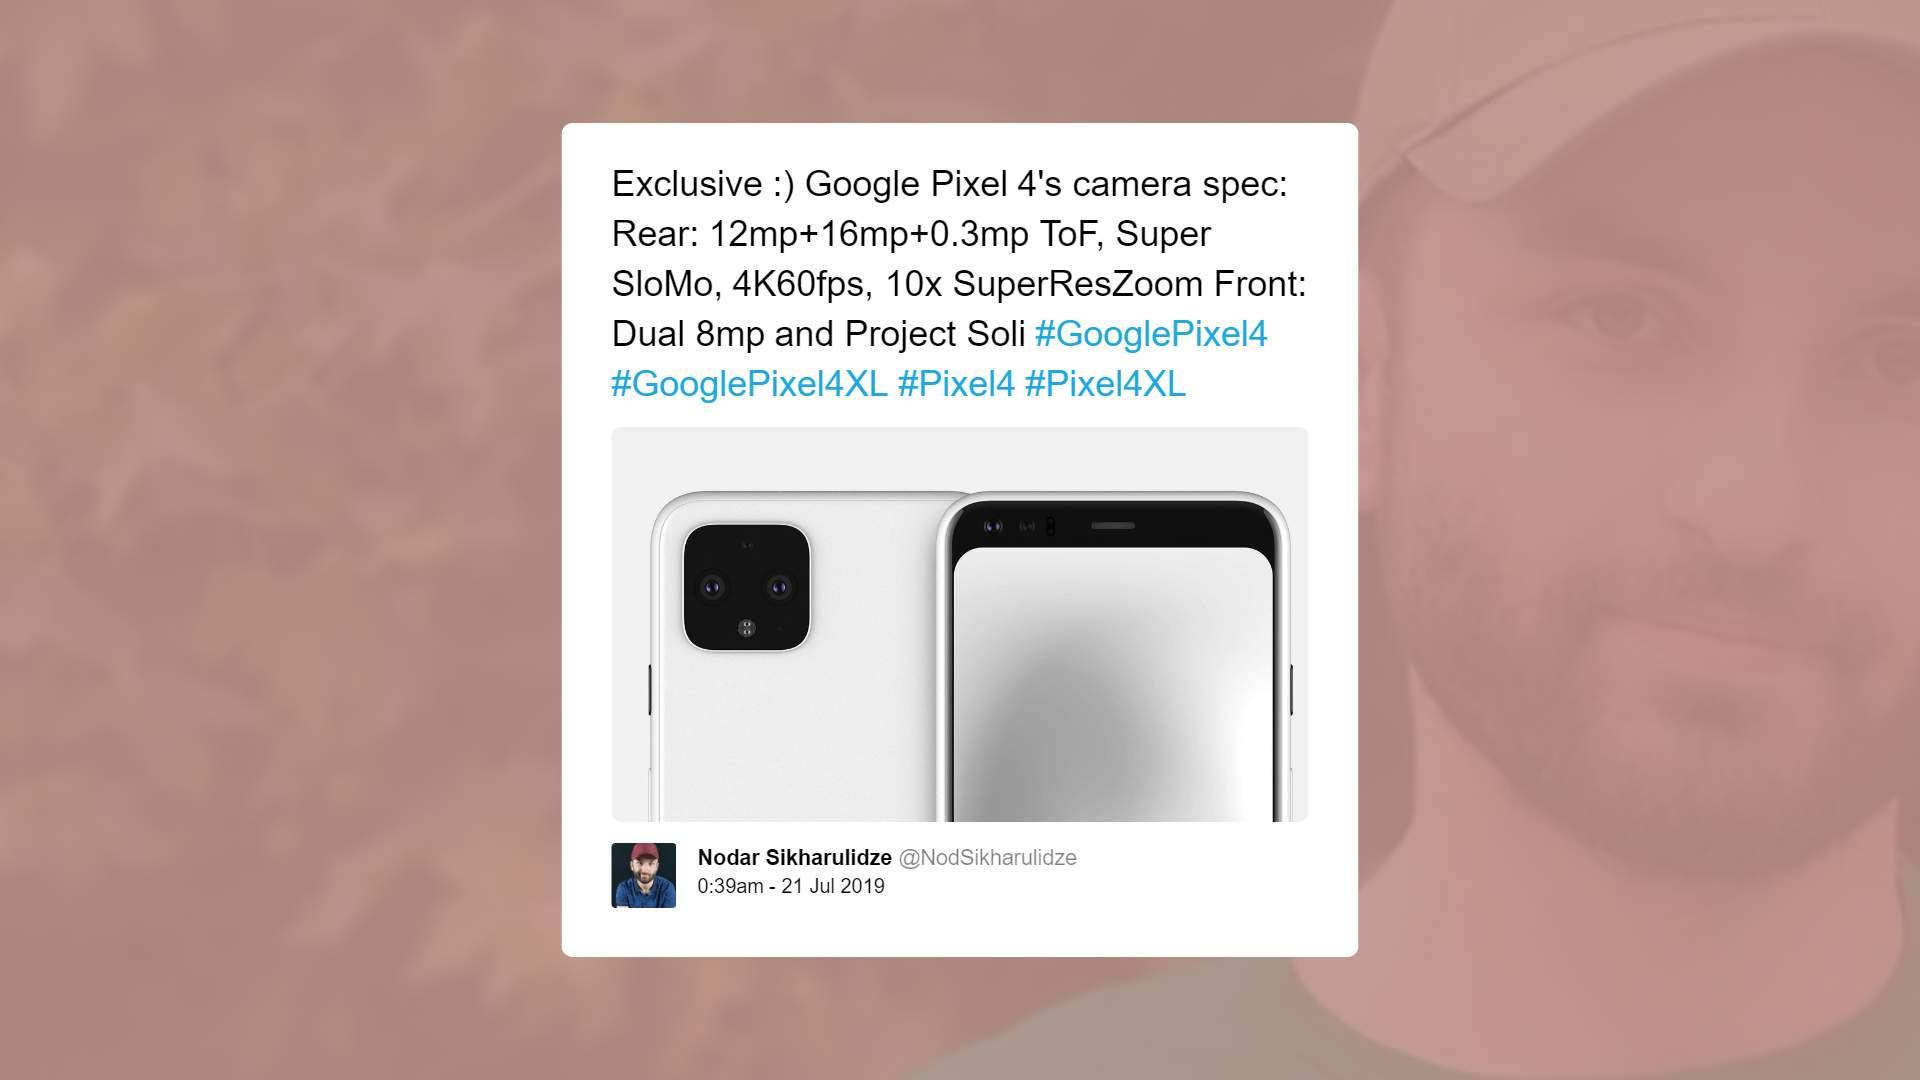 Google Pixel 4 Camera Specs